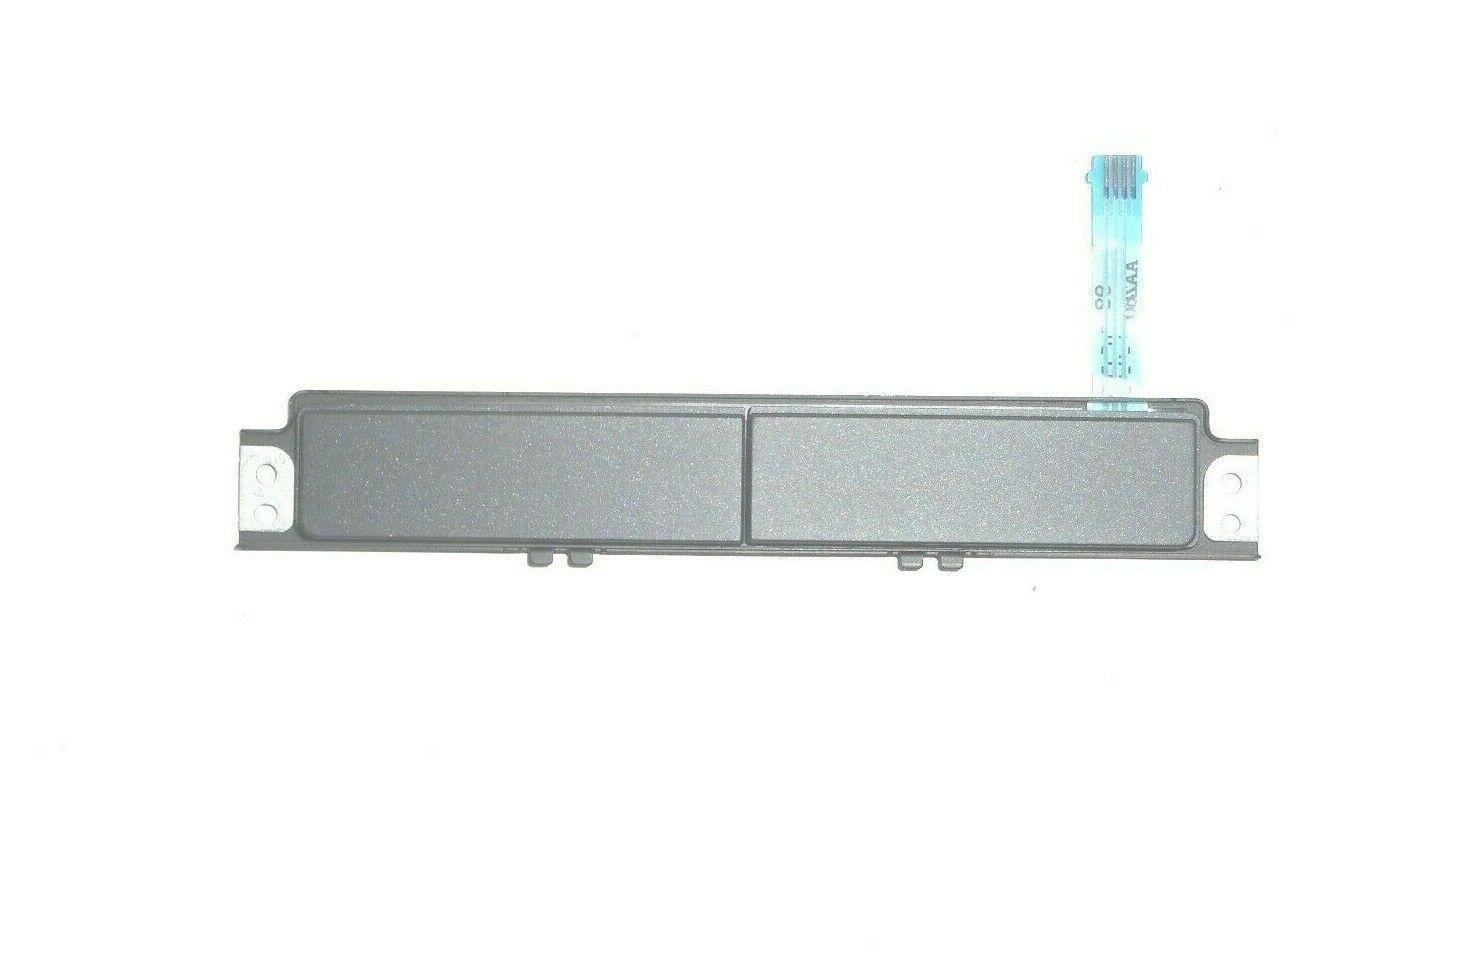 Оригинальные кнопки сенсорной панели ноутбуки для Dell E7470 сенсорная панель левый правый кнопка LR кнопка A151E1 CN-A151E1